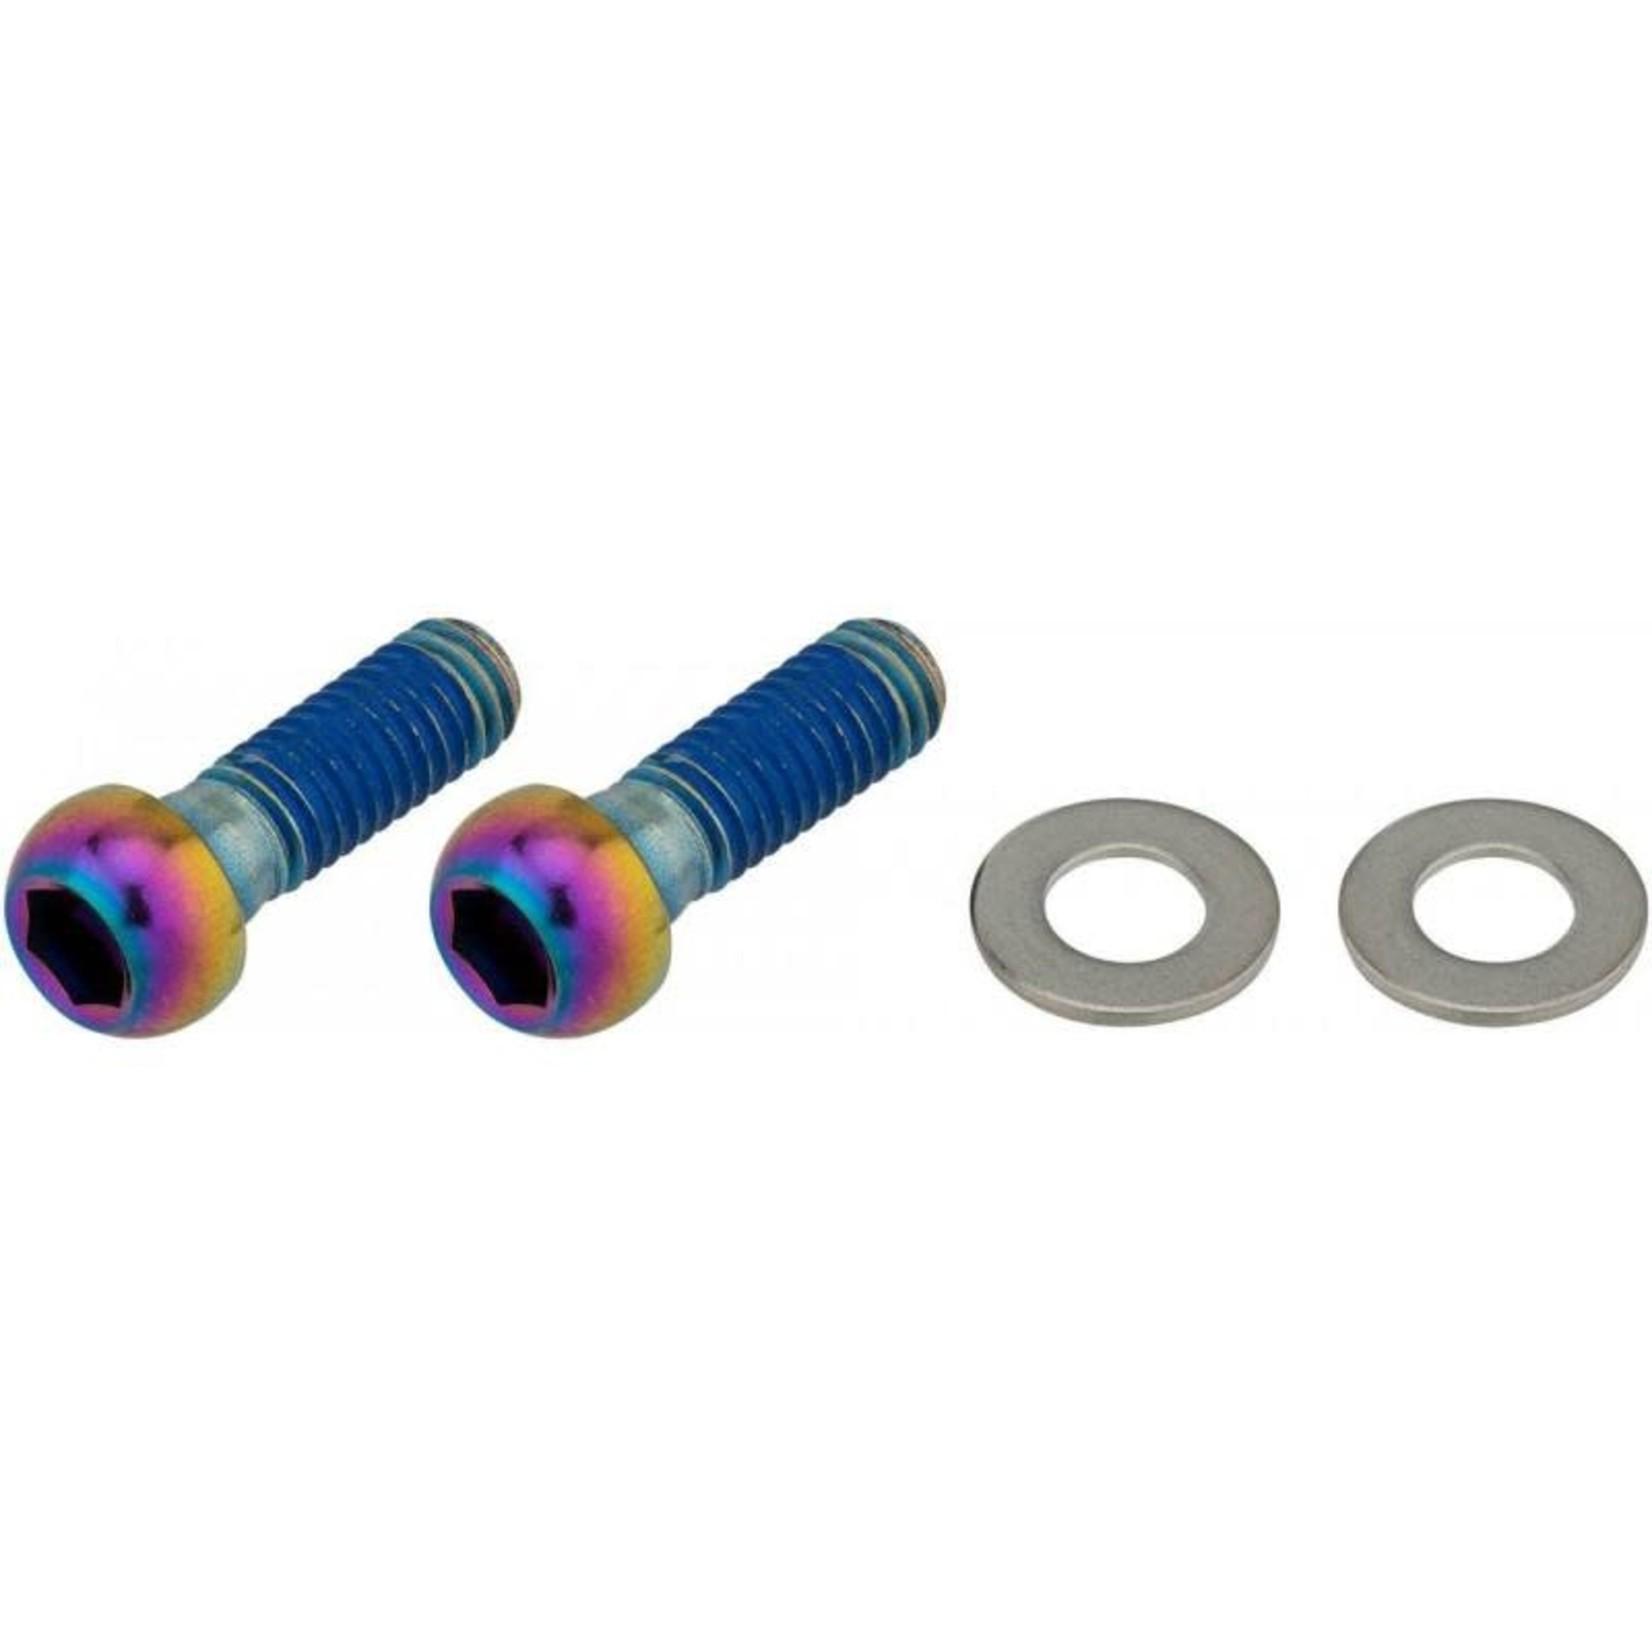 SRAM SRAM - Viti fissaggio pinza freno 18mm, Rainbow Oil Slick